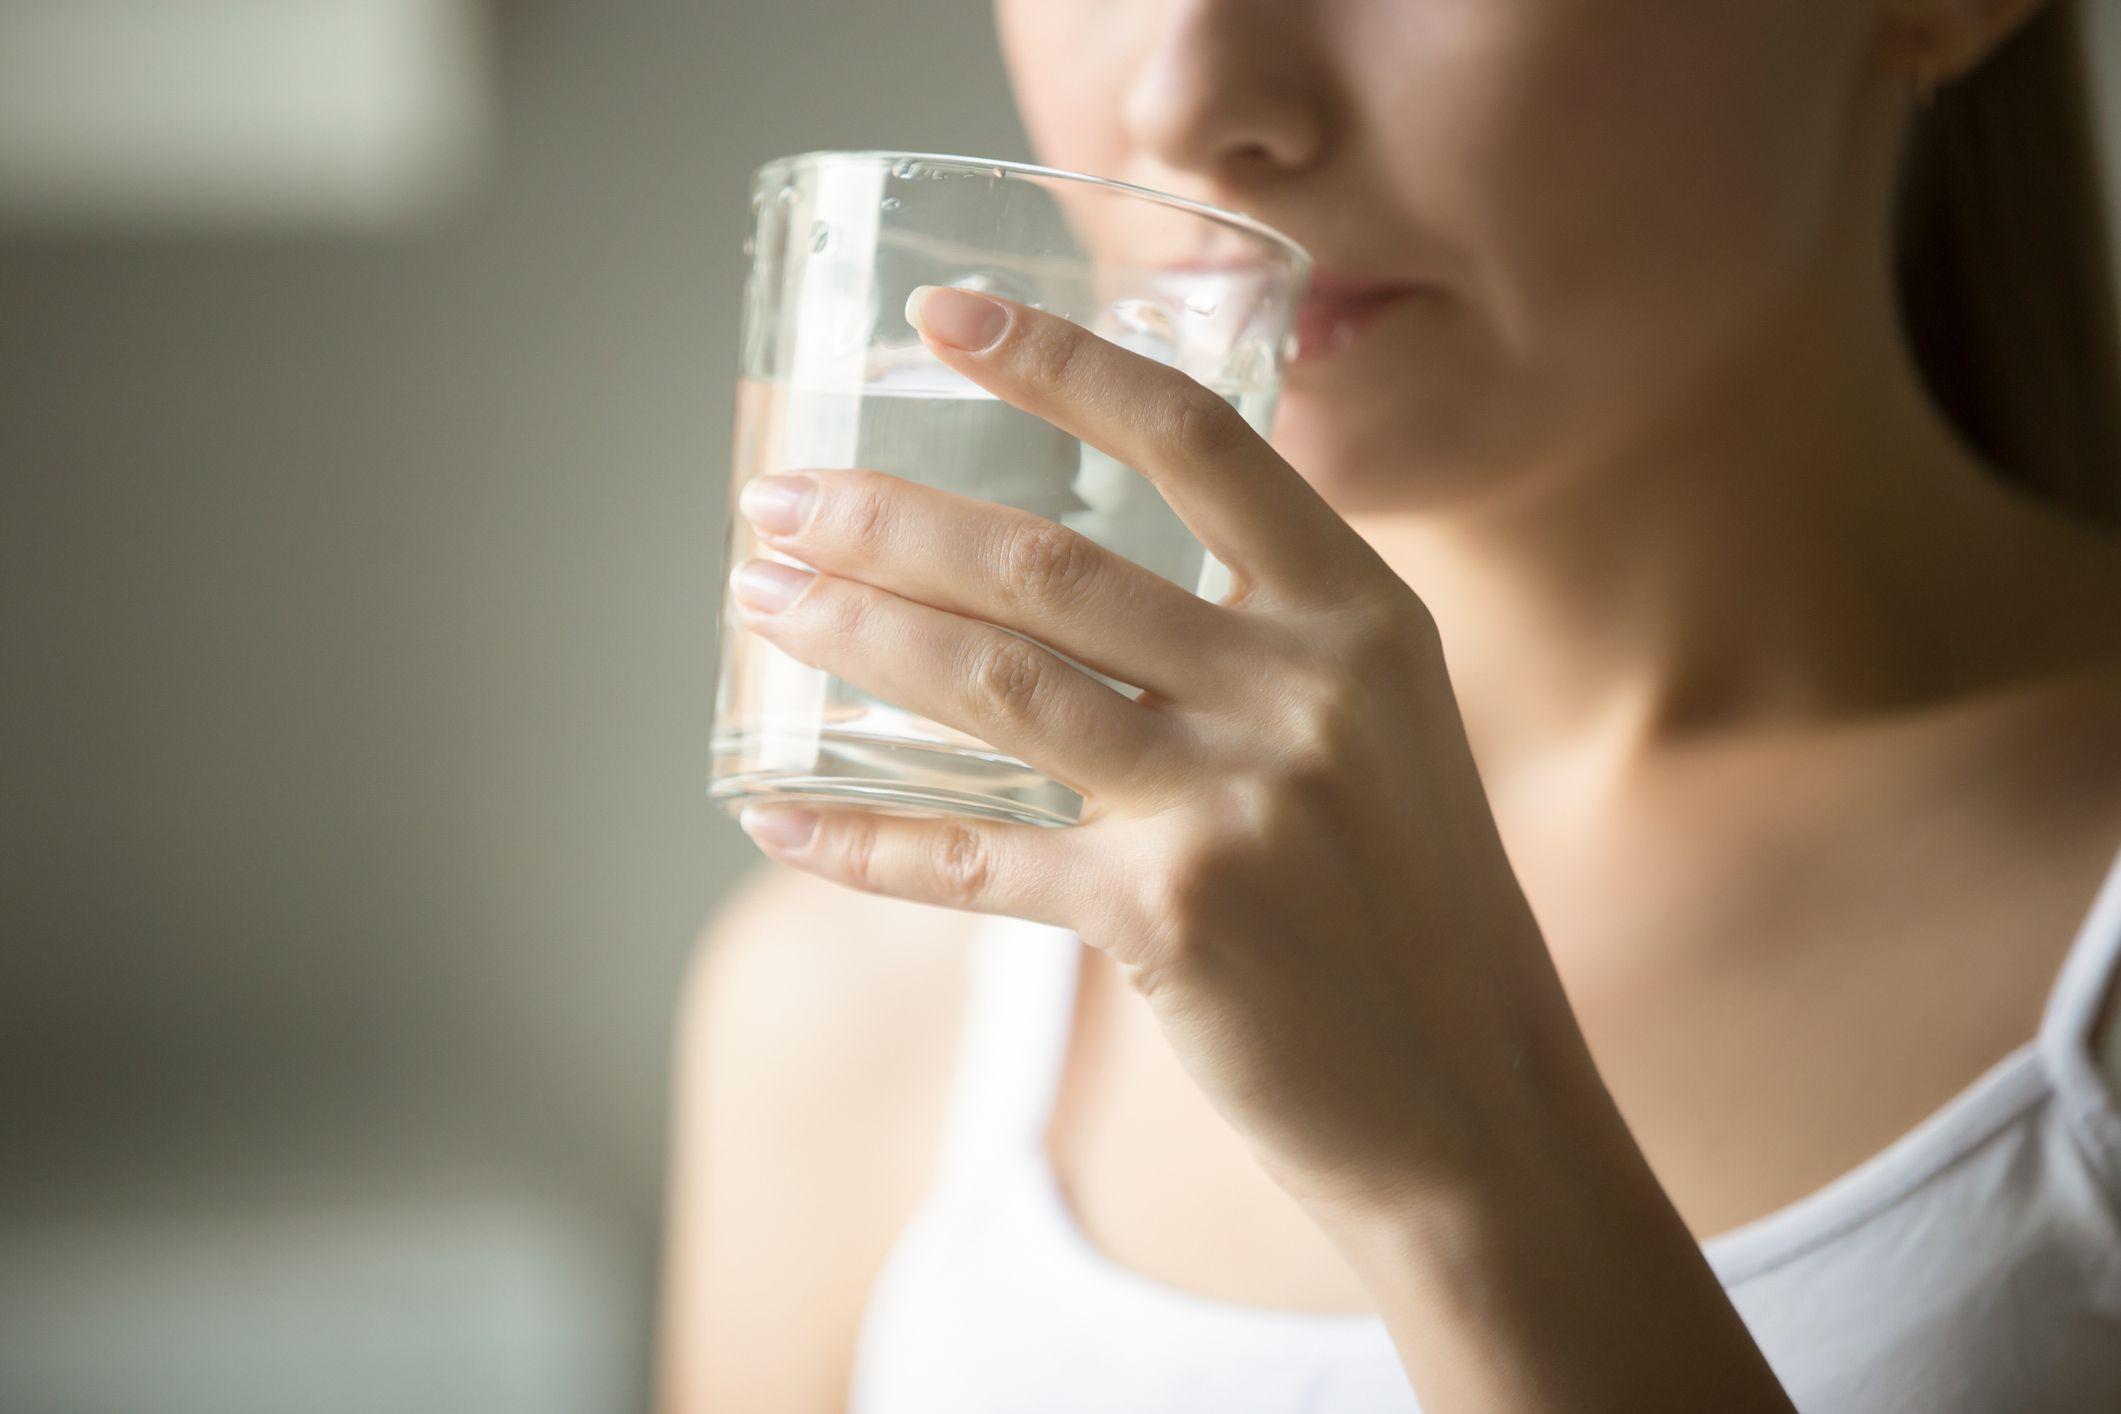 乾く 生理 が 前 喉